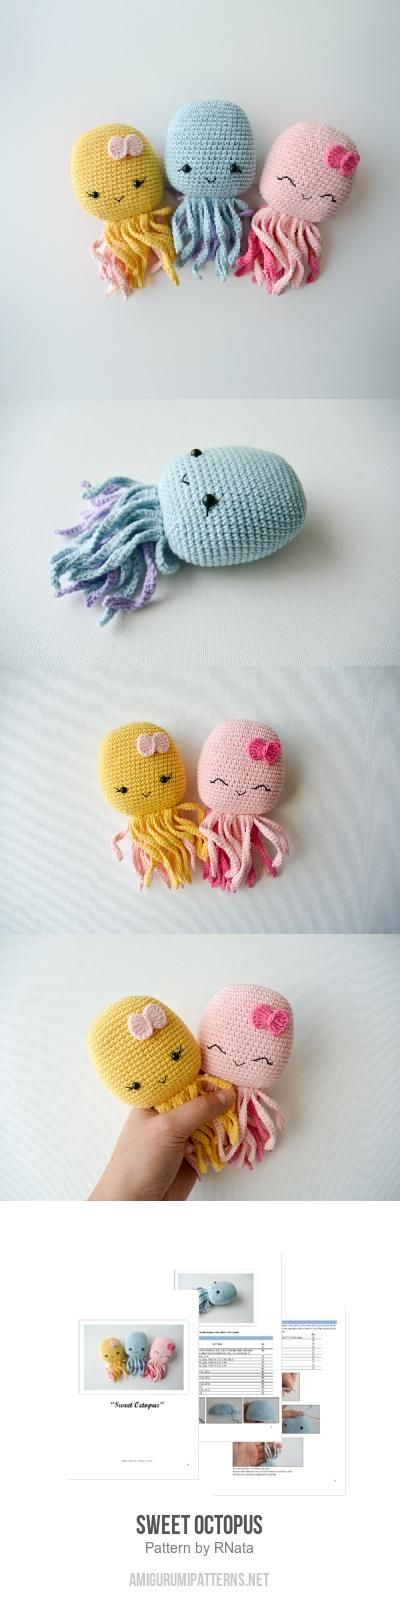 Sweet Octopus Amigurumi Pattern